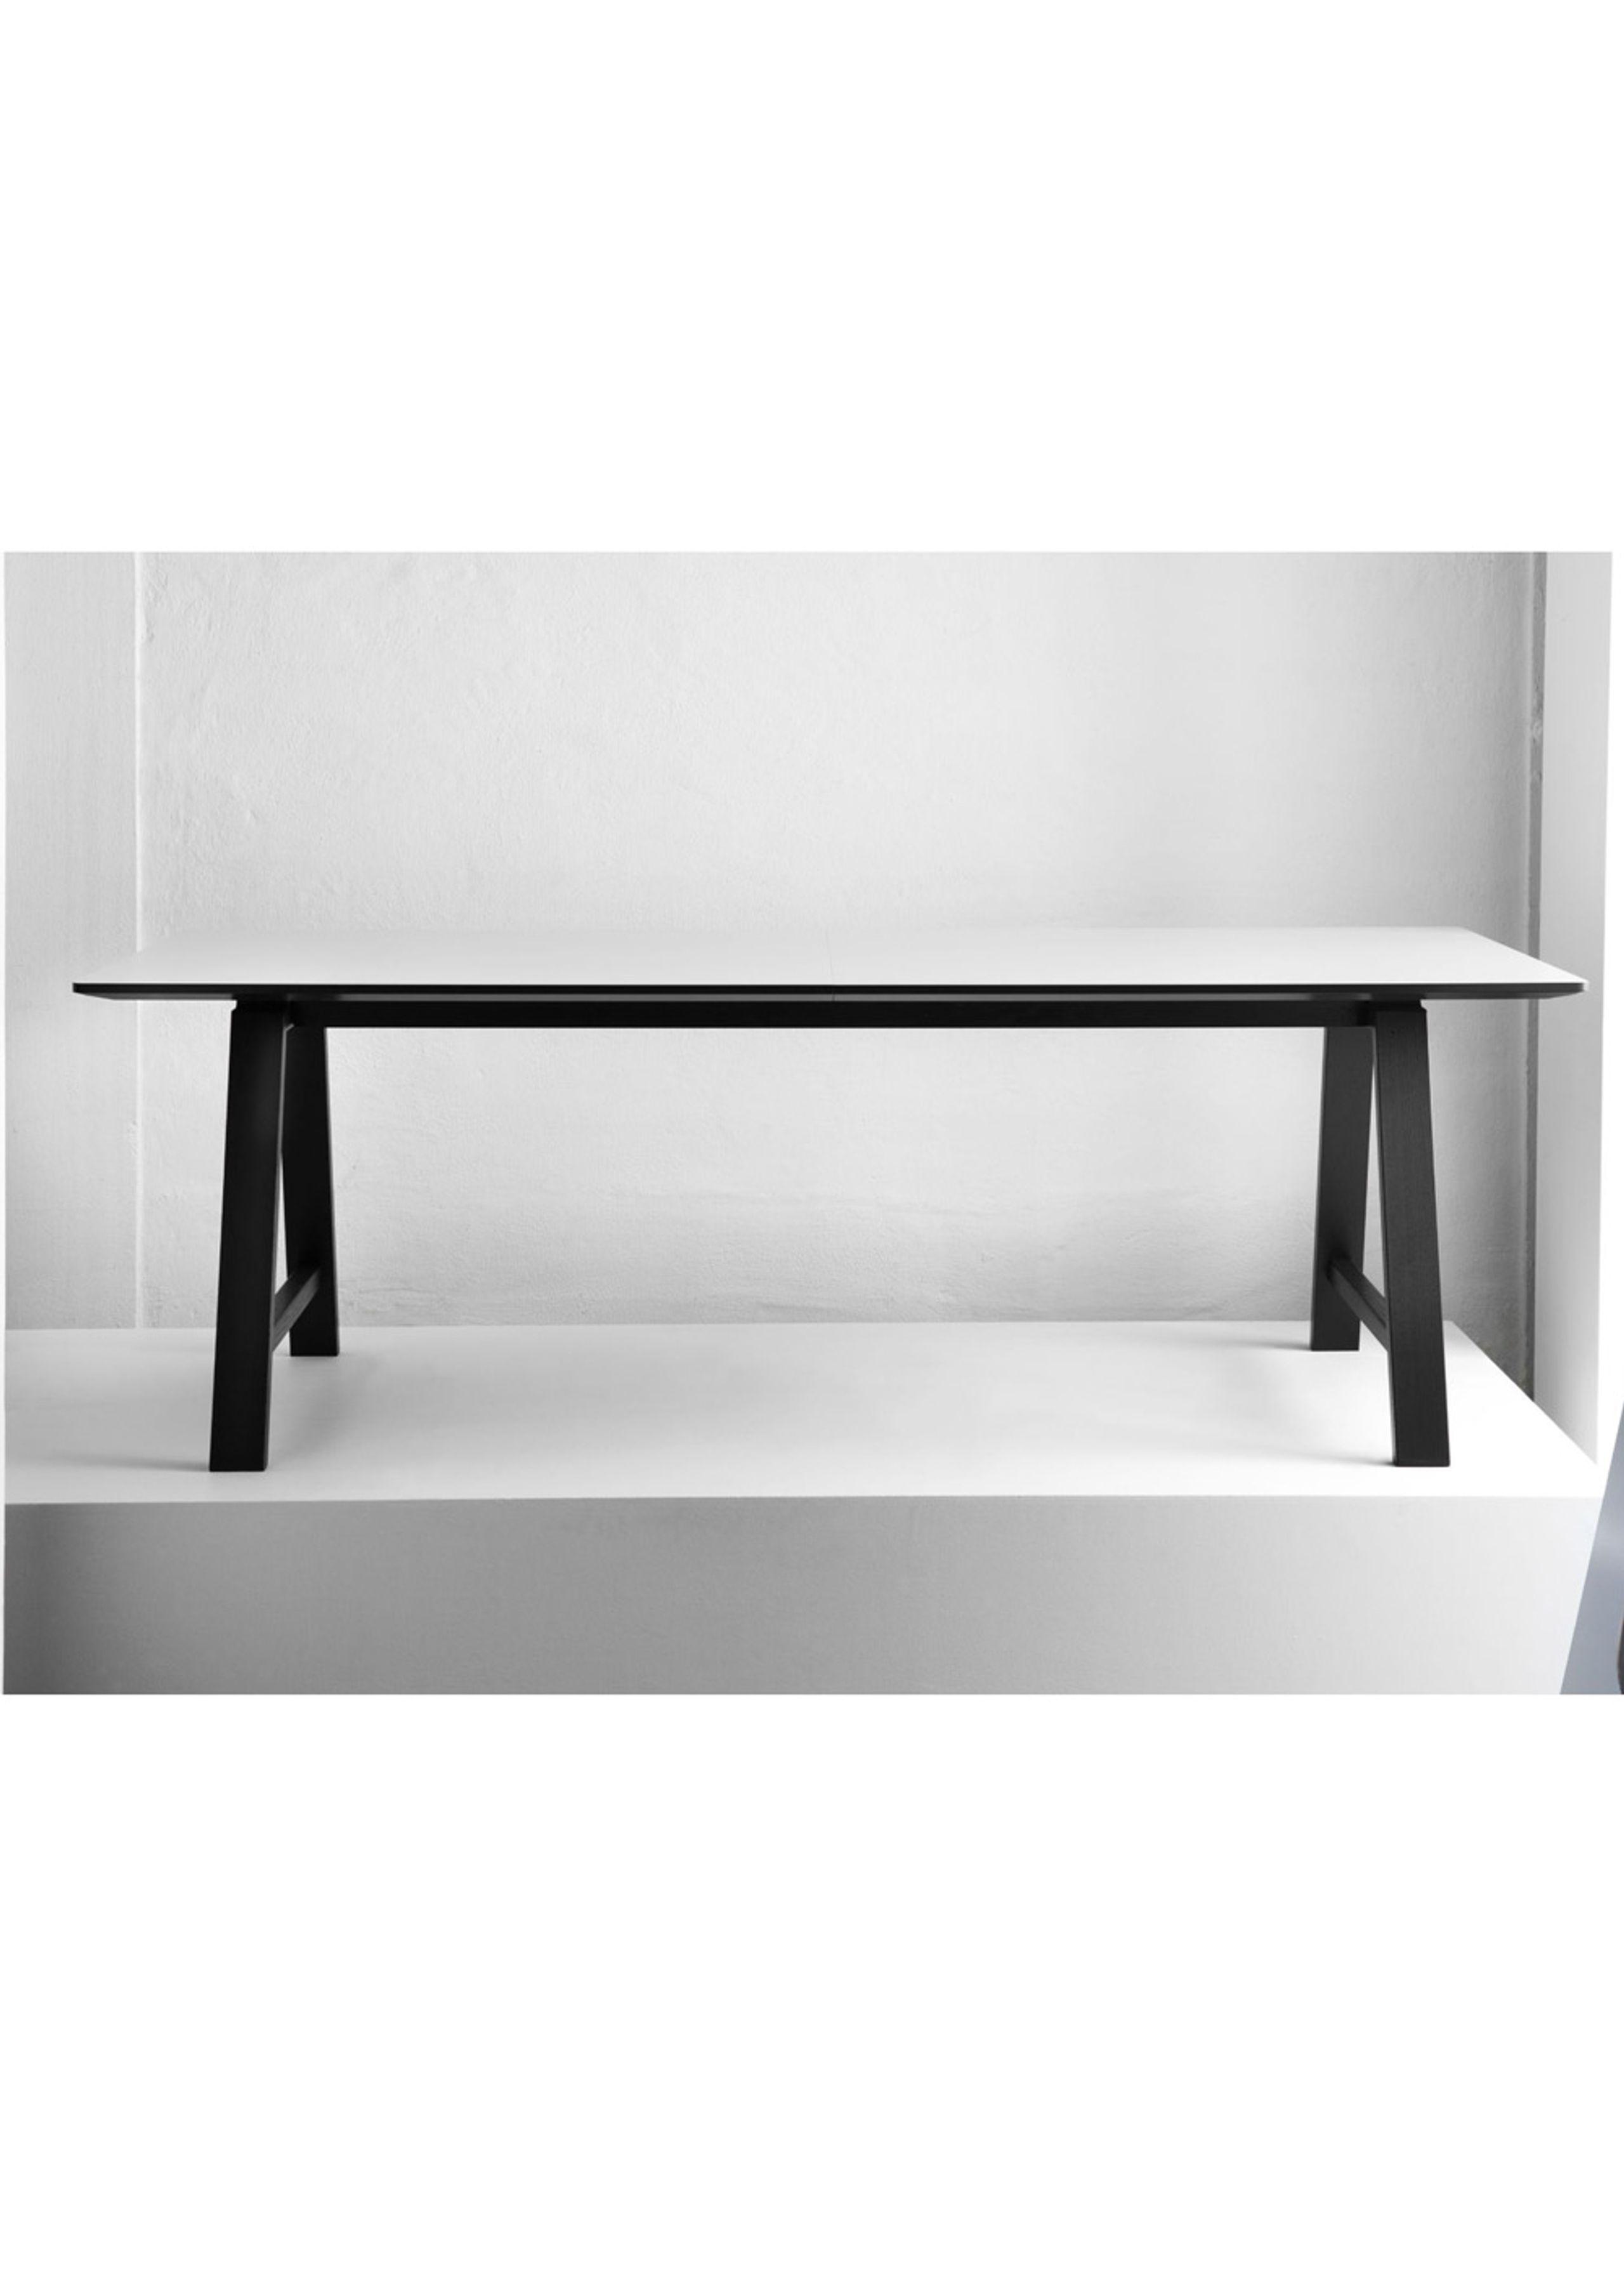 Exceptional ... Andersen Furniture   Dining Table   T1 Udtræksbord   ByKato   95 X 180  Cm Til ...